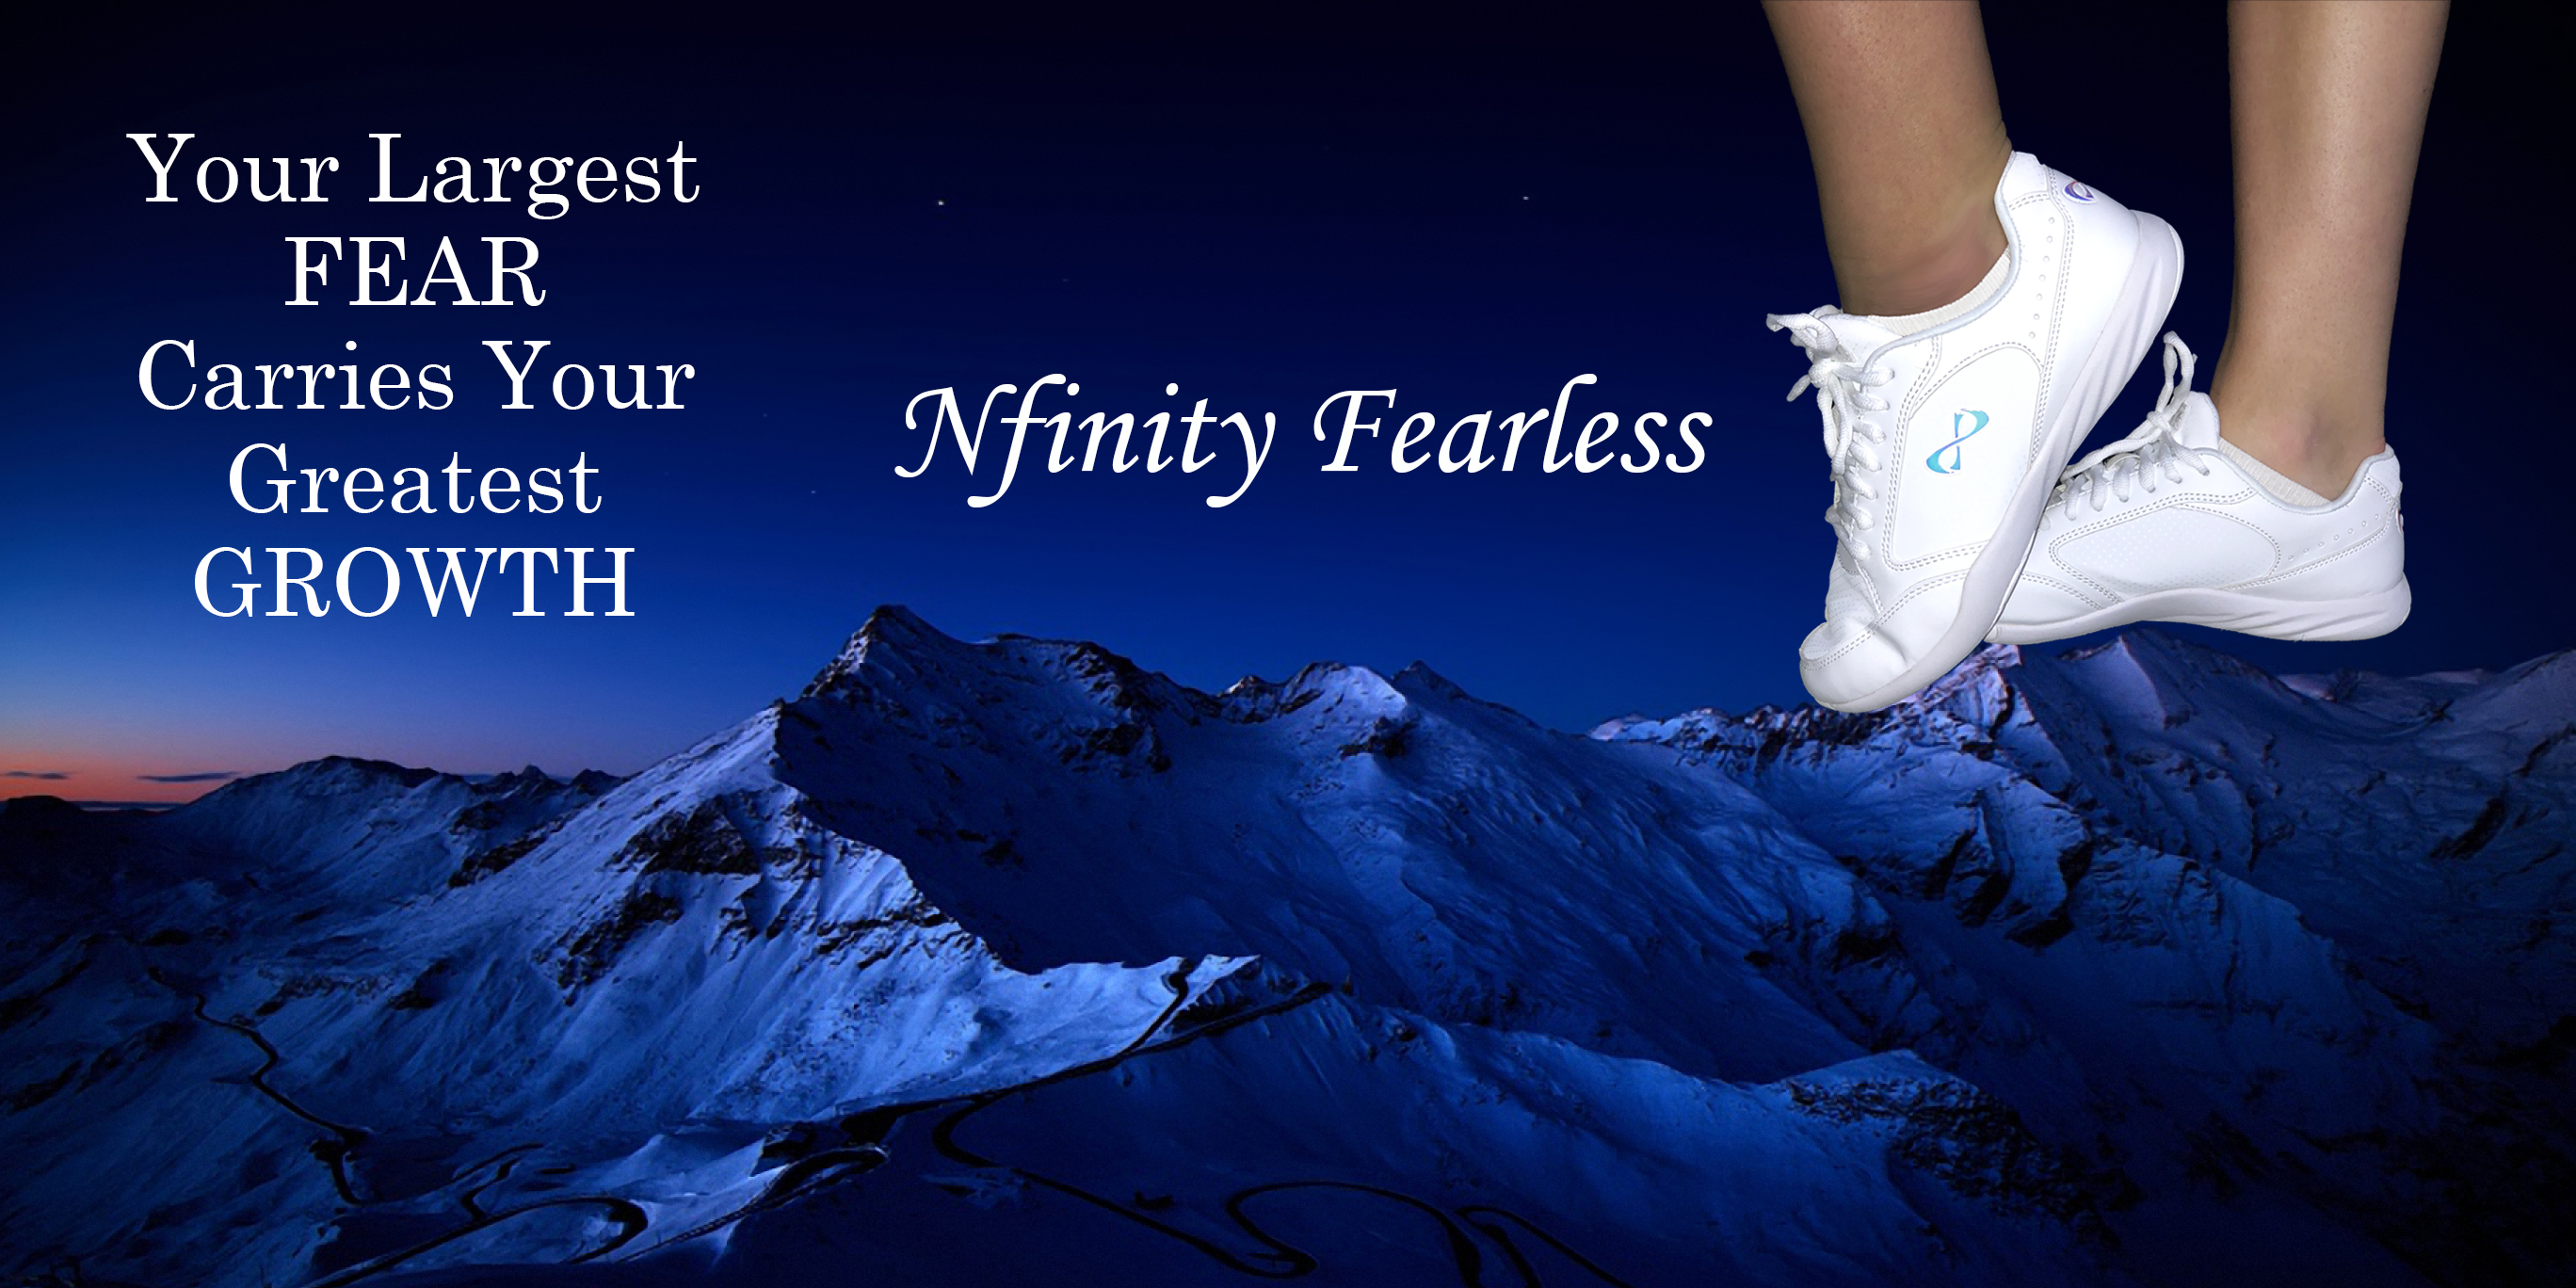 Nfinity Fearless